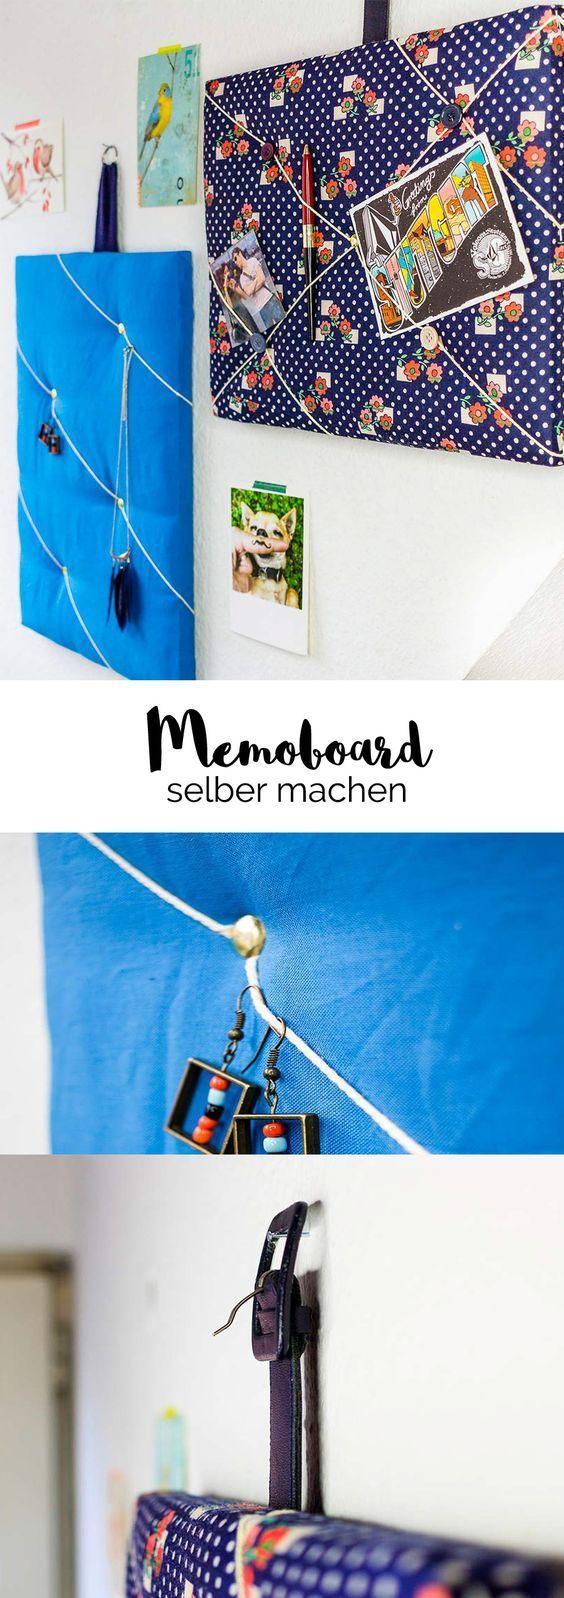 So geht das! Stylisches Memoboard basteln – Anleitung in Bildern